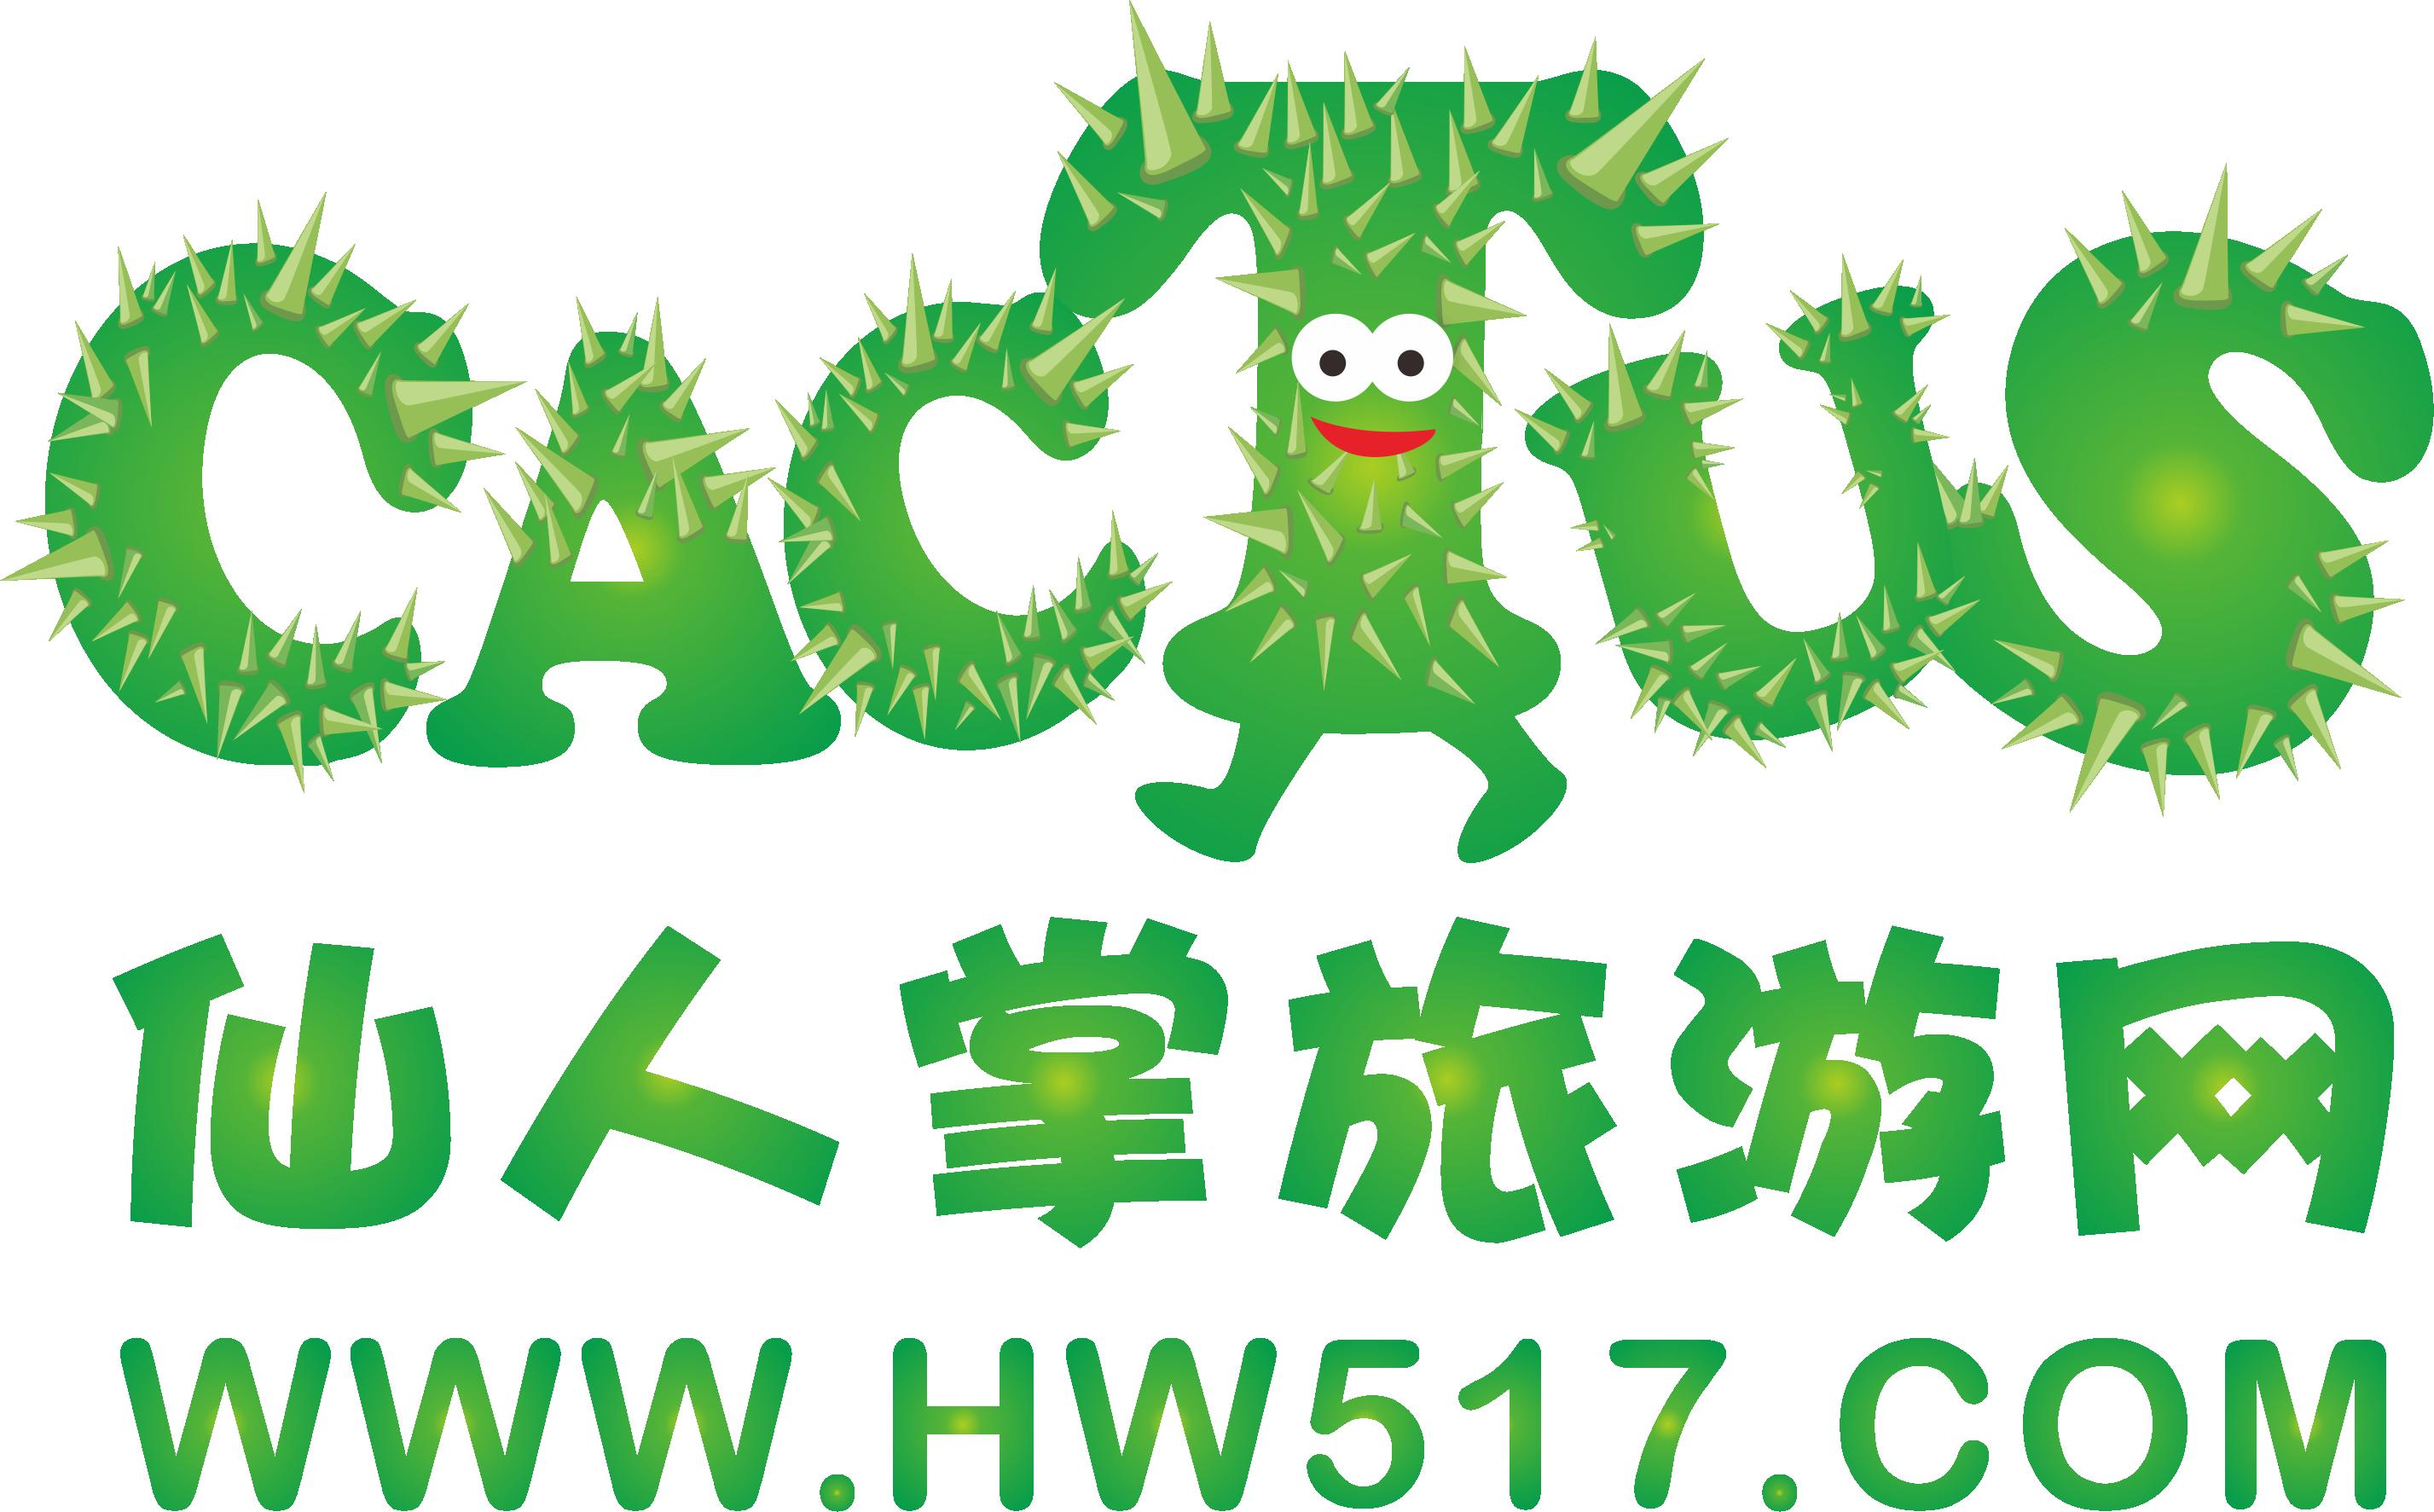 【仙人掌旅游】南京、镇江、扬州全景三日游